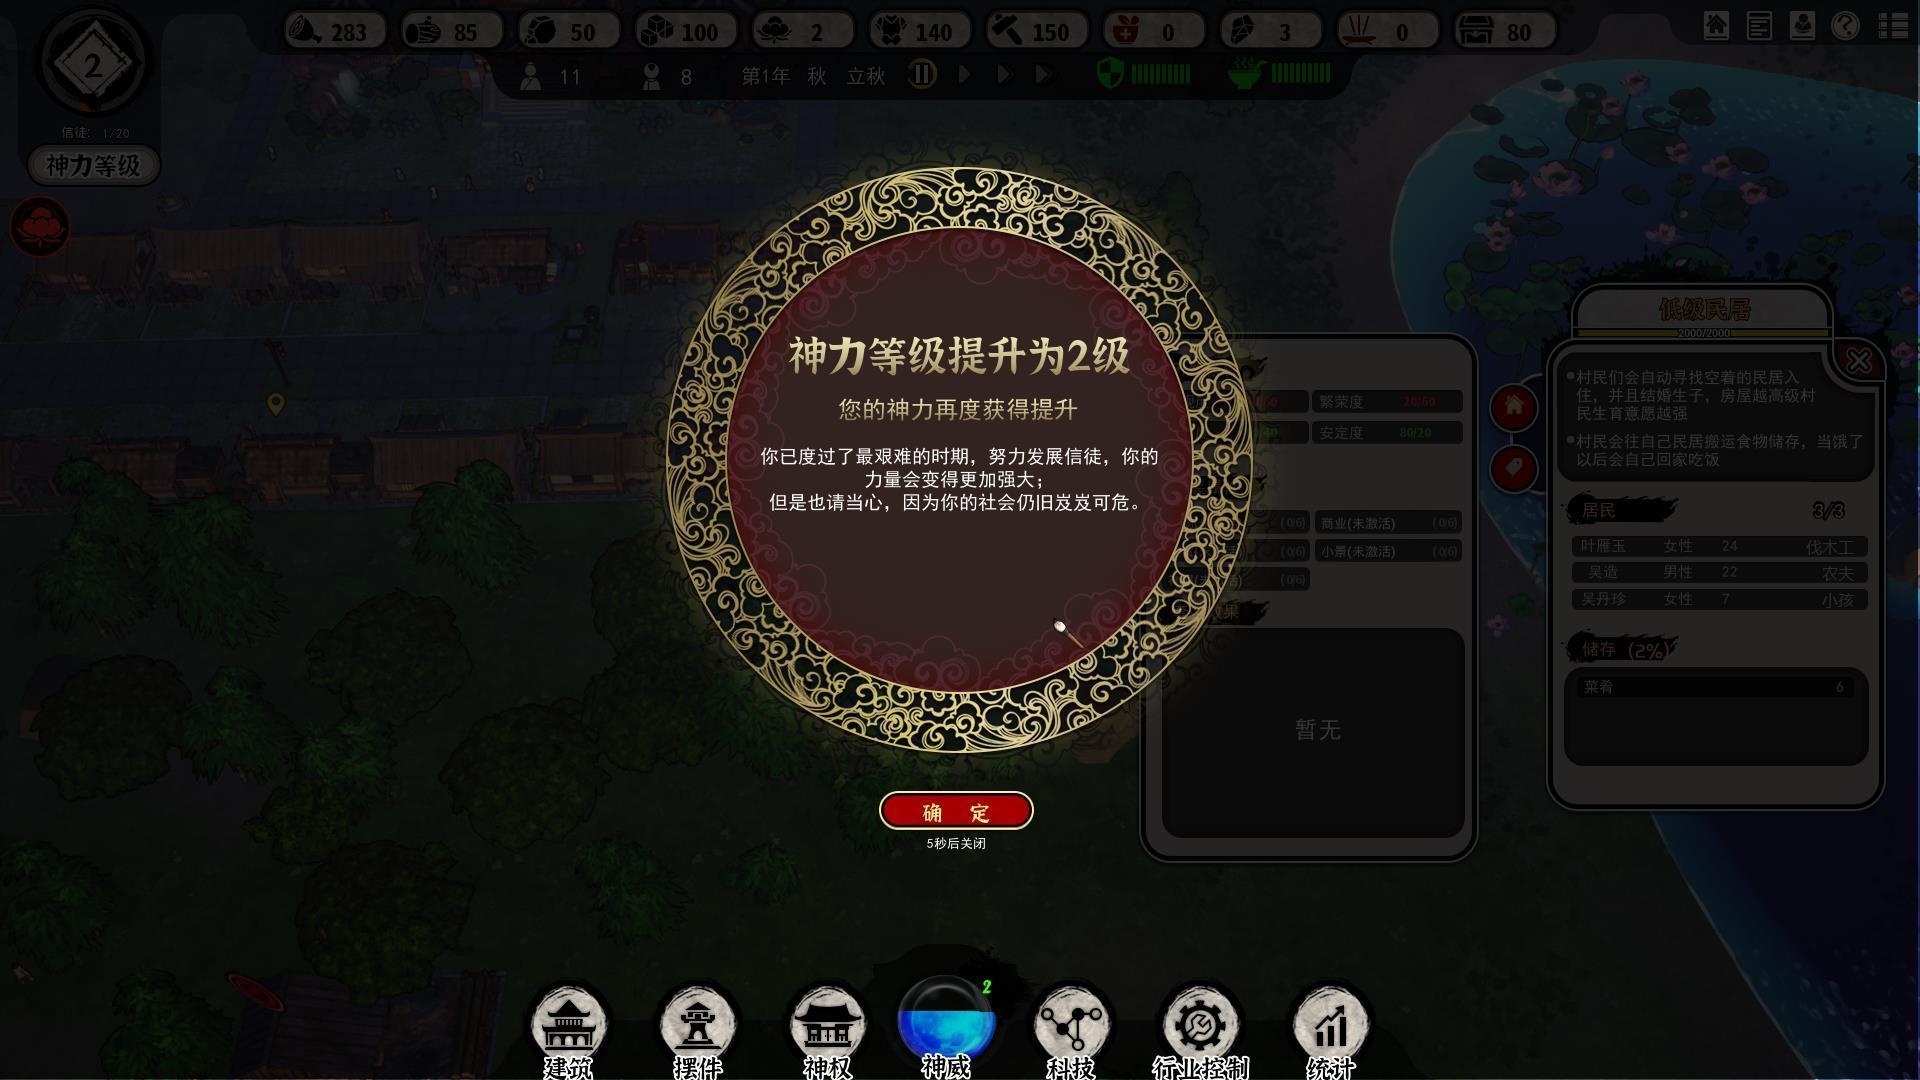 在WeGame试玩节,看国产独游如何百花齐放